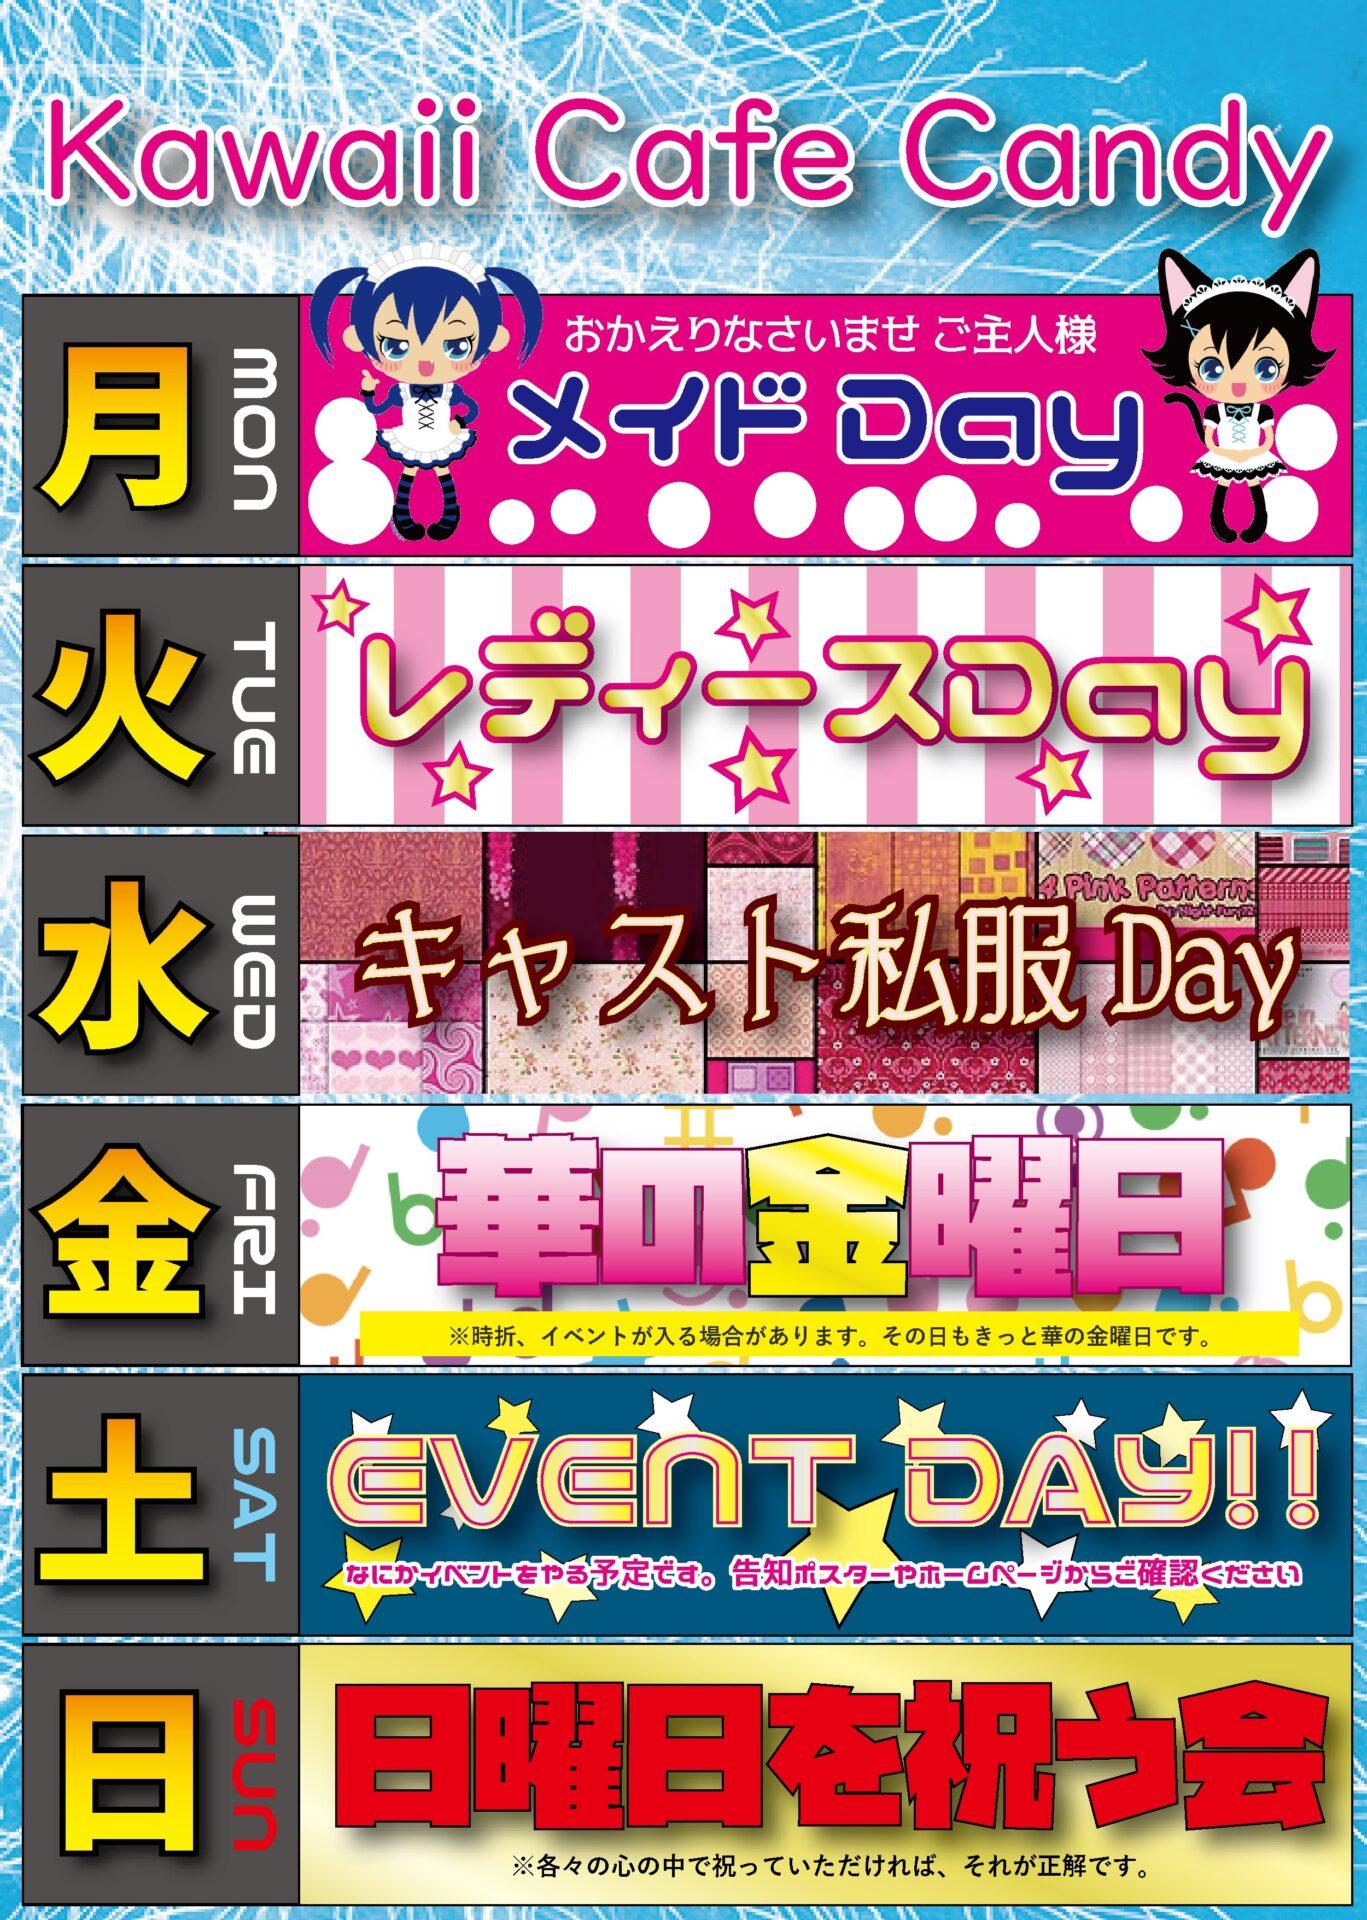 毎日イベント開催中!!